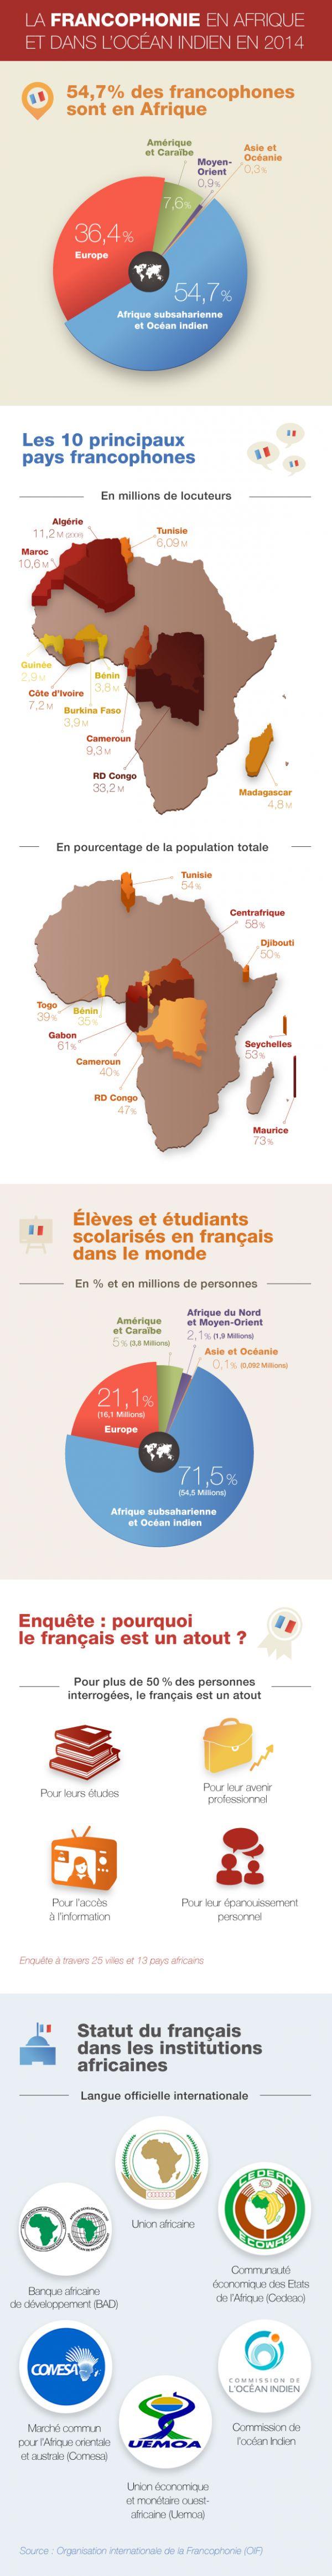 Infographie: La Francophonie en Afrique et dans l'océan Indien en 2014